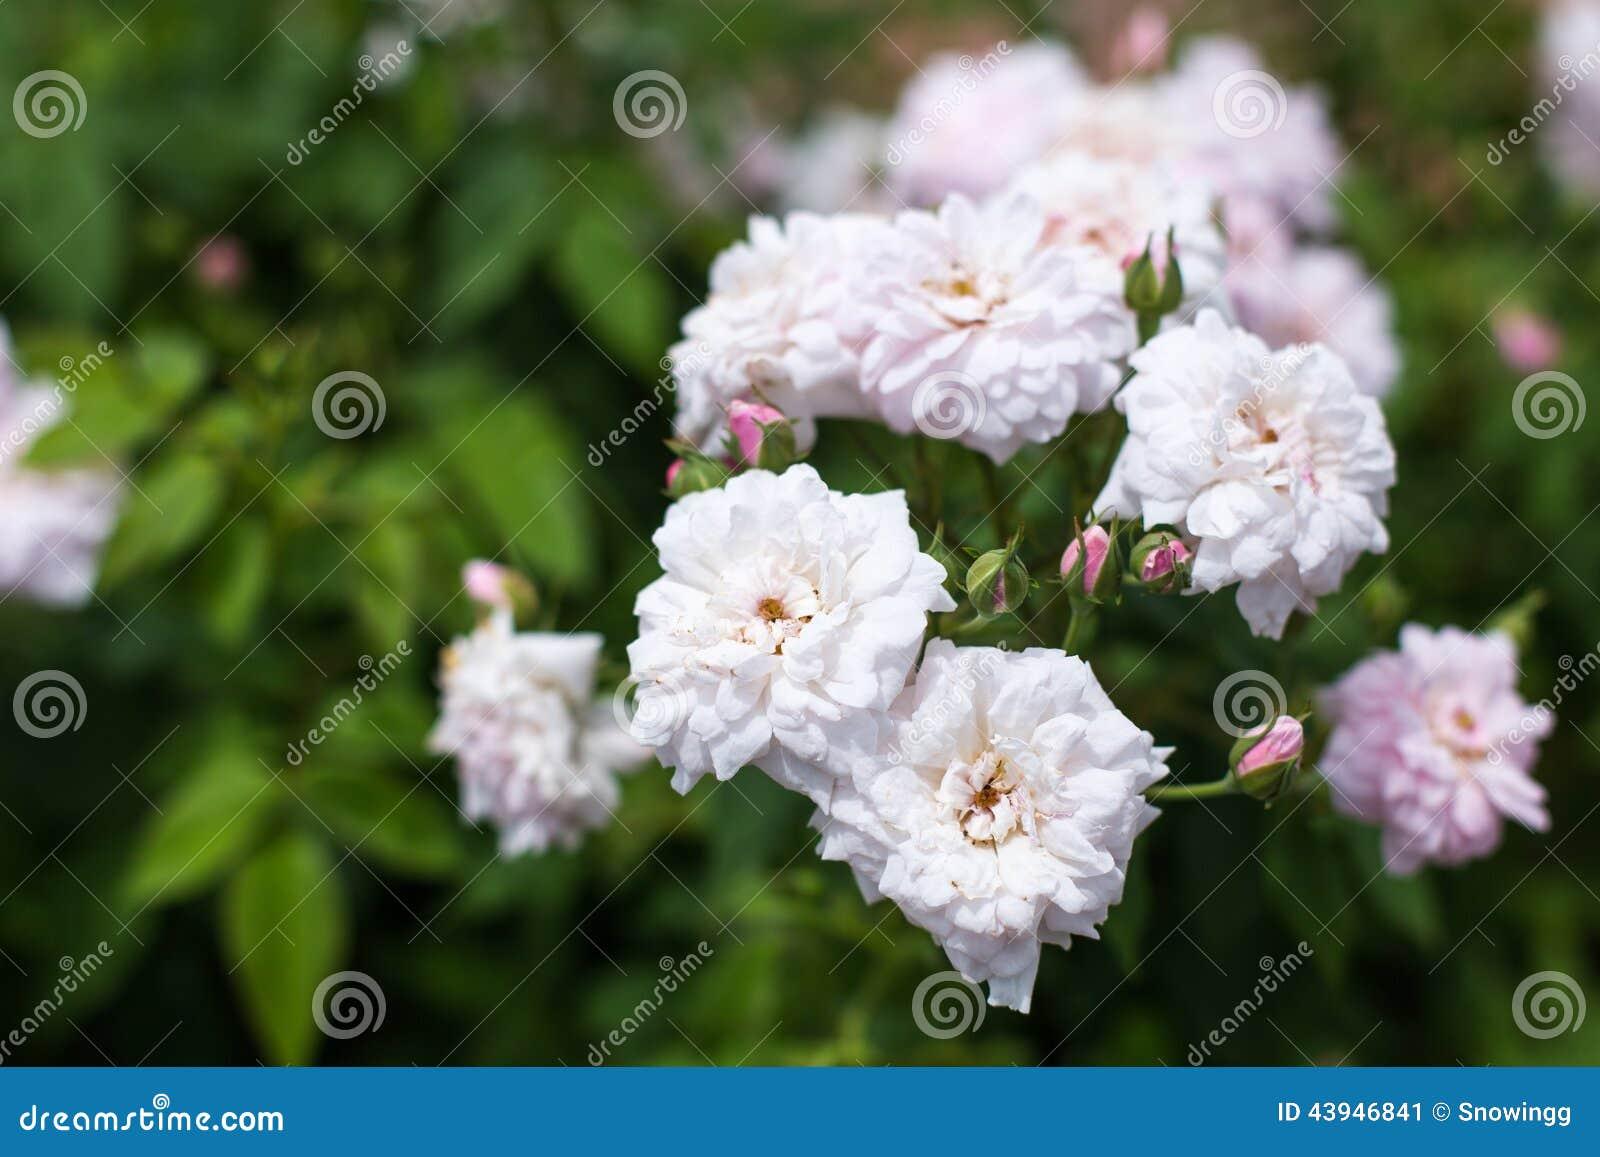 Image of arbustos de jardin con flores blancas el arbusto - Arbusto pequeno con flores ...